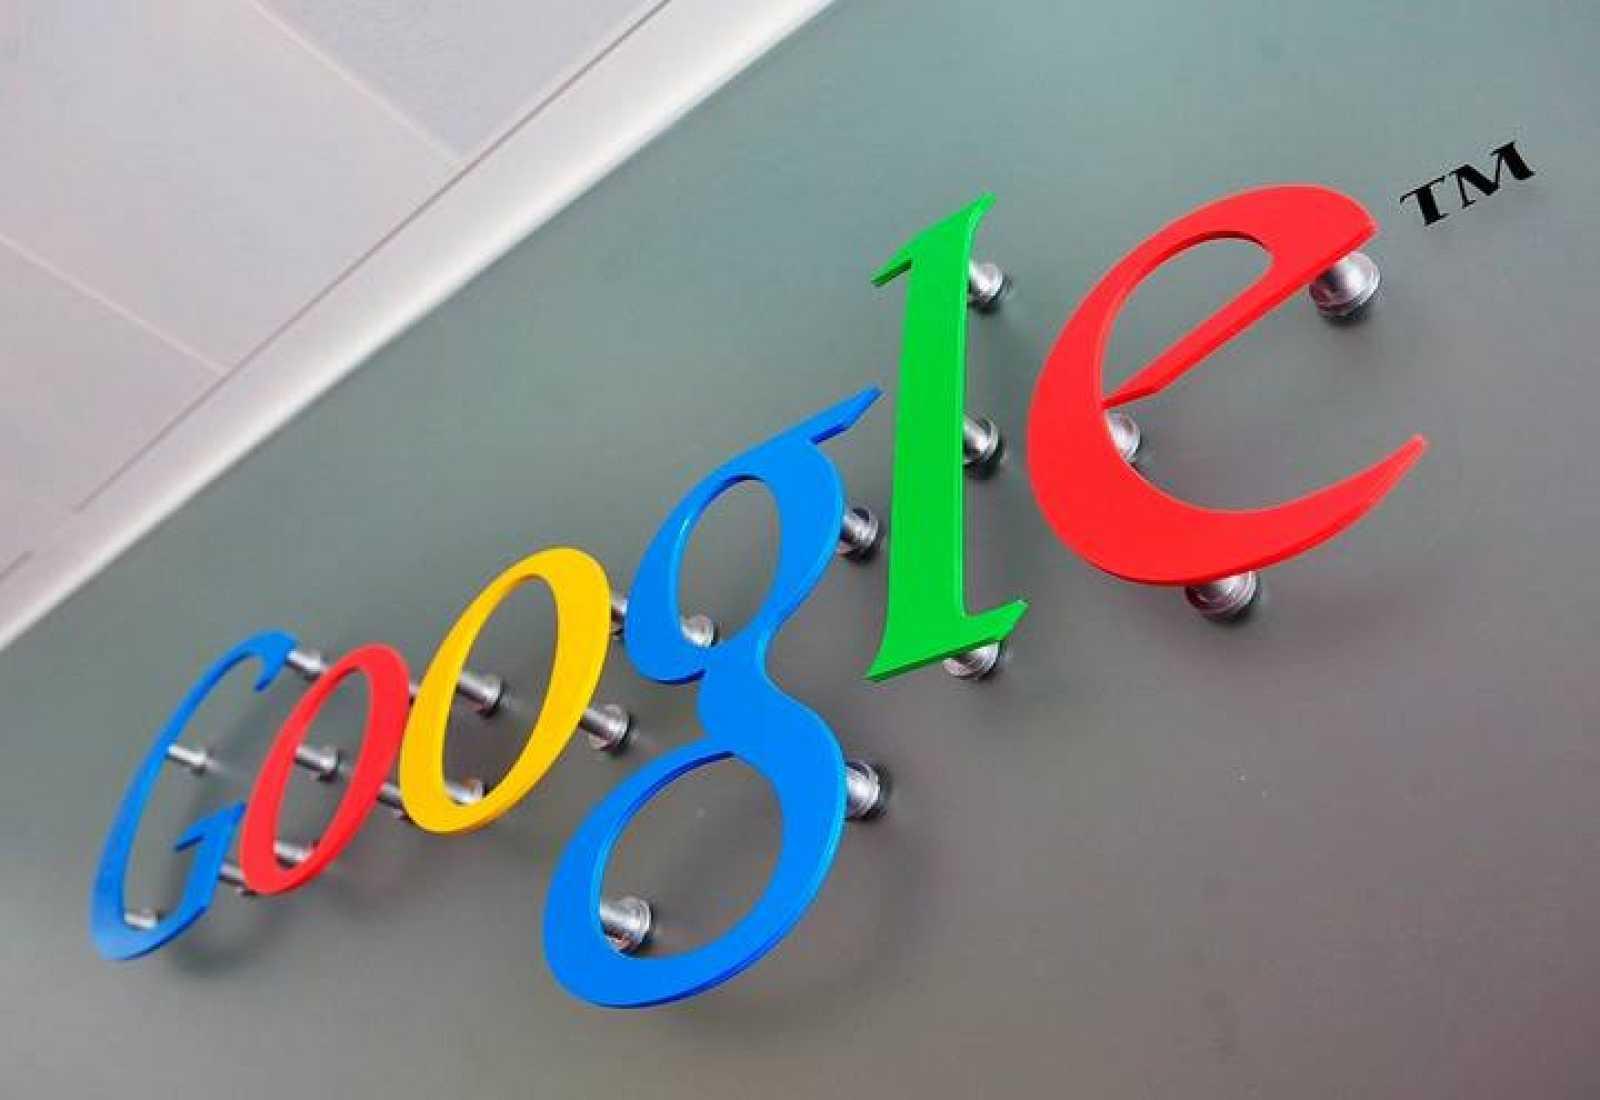 El gigante de internet se enfrenta a una posible sanción por infringir derechos de autor